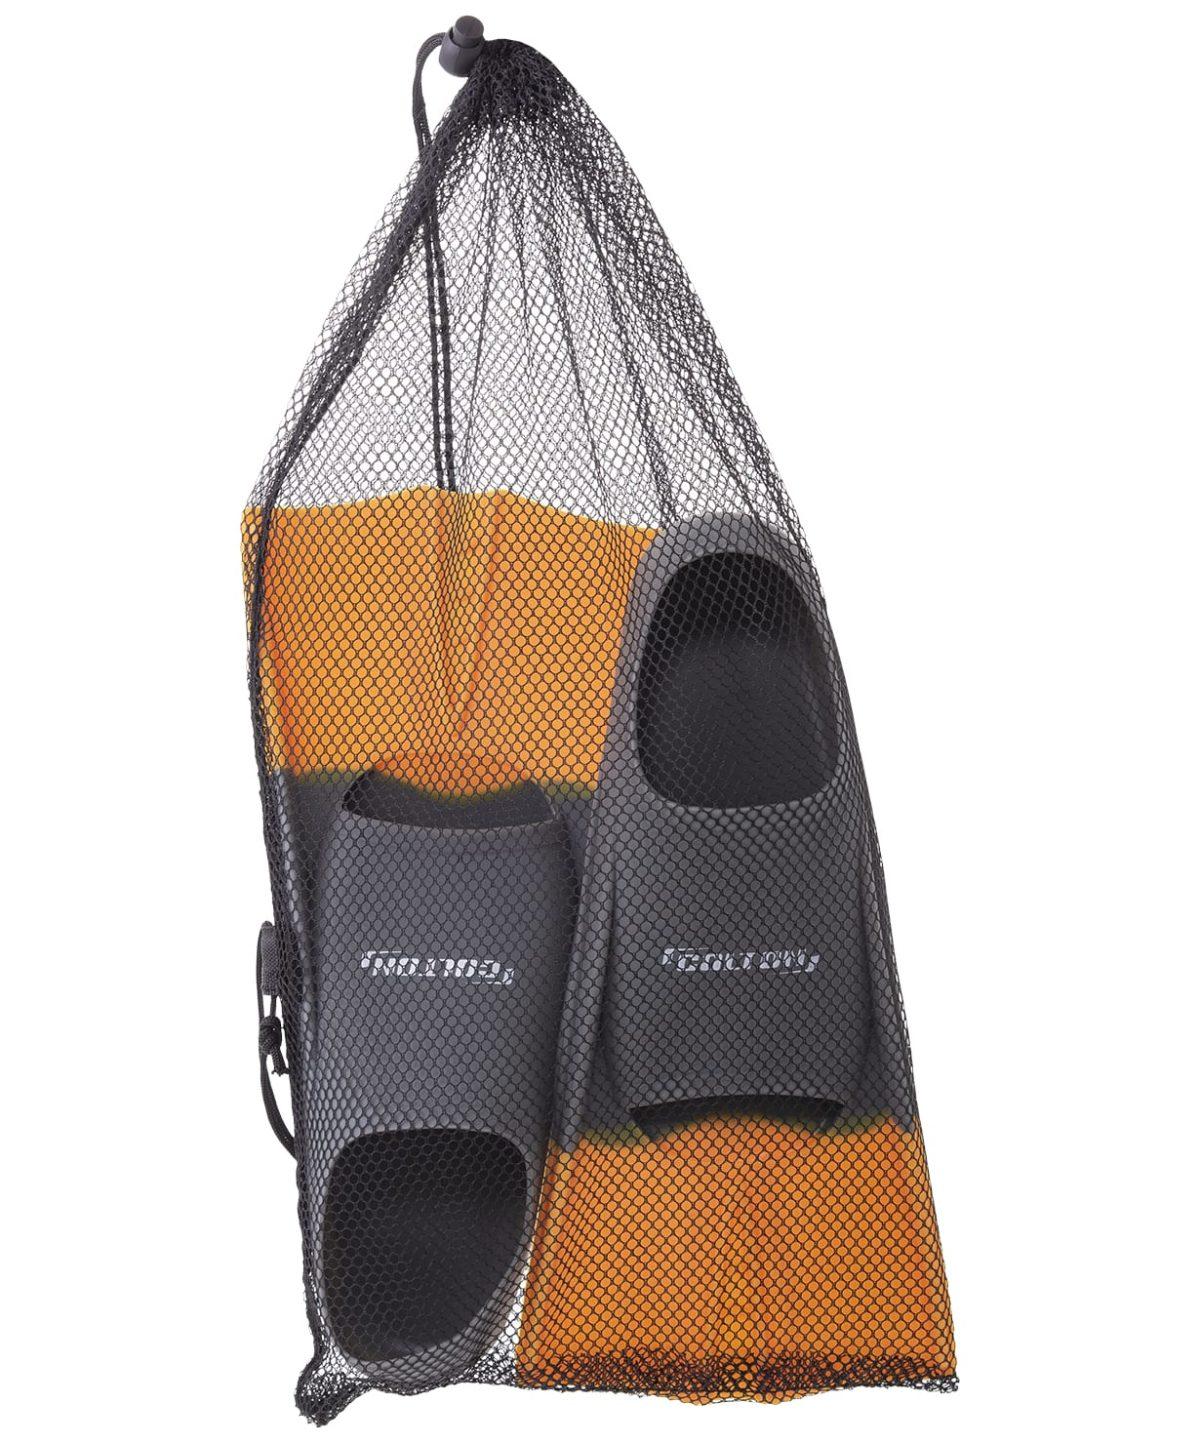 COLTON Ласты тренировочные р.33-35  CF-01: серый/оранжевый - 4